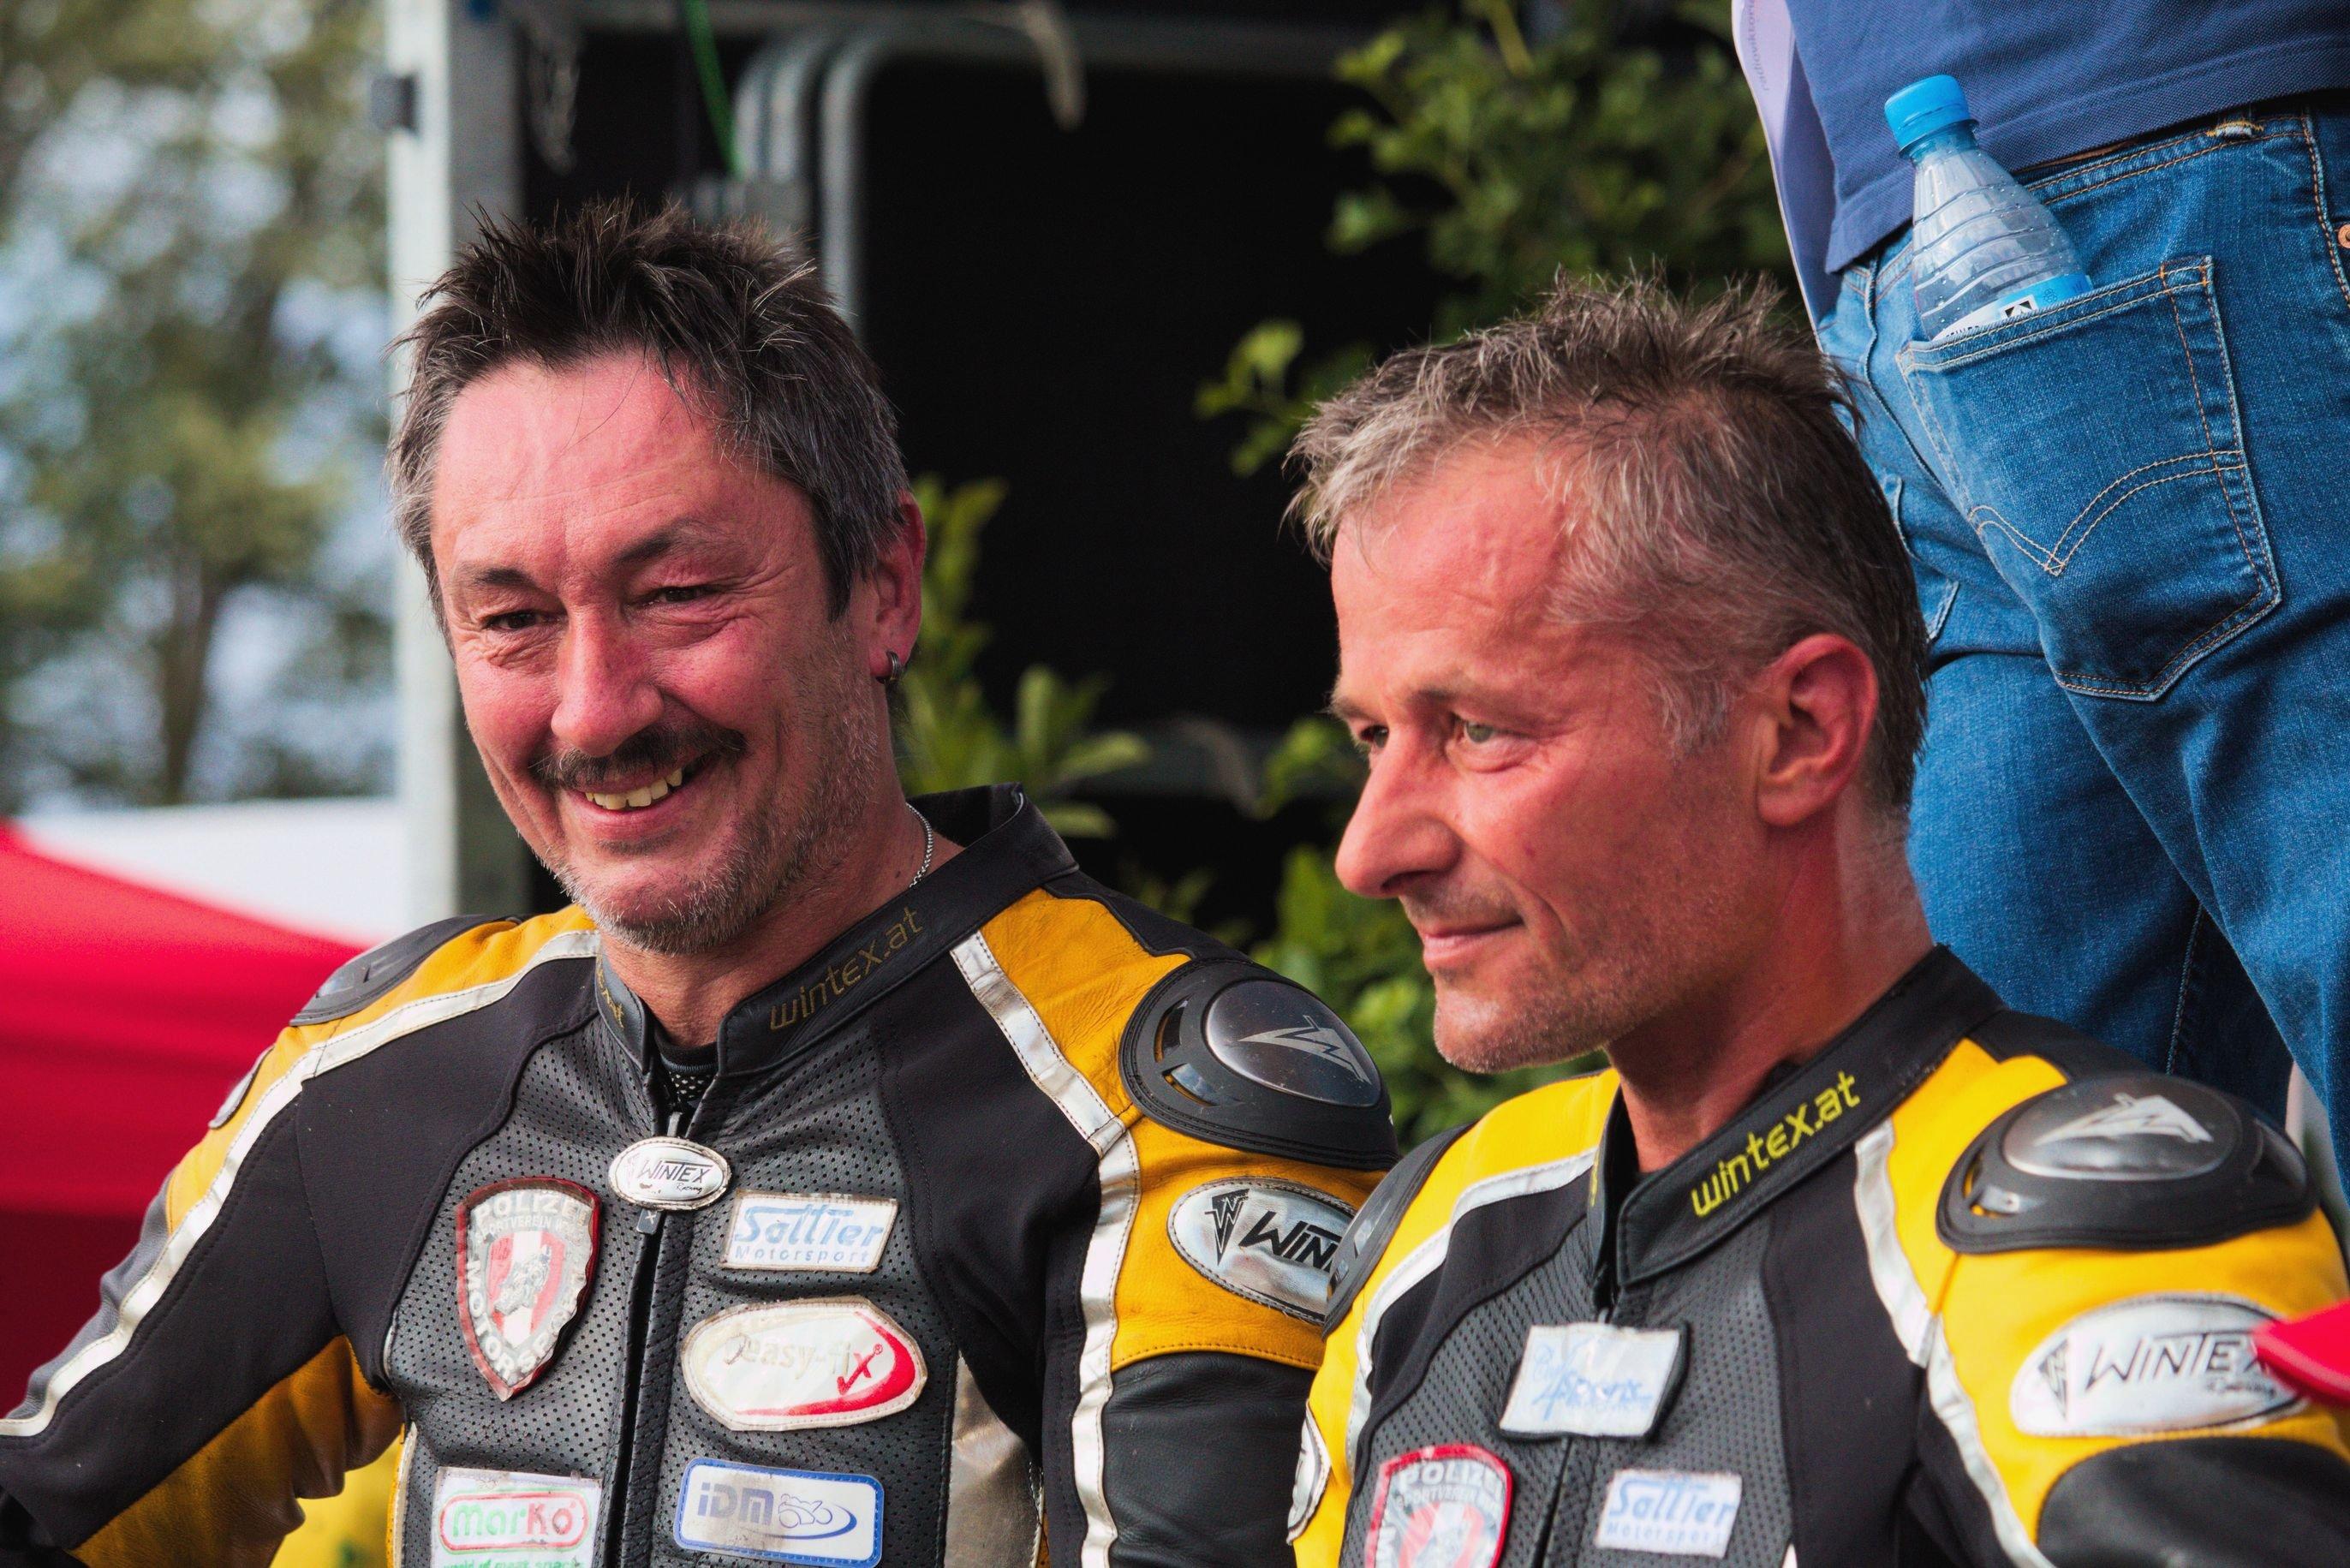 Josef Sattler und Uwe Neubert Sattler Motorsport 2017 IDM Sidecar Schleiz